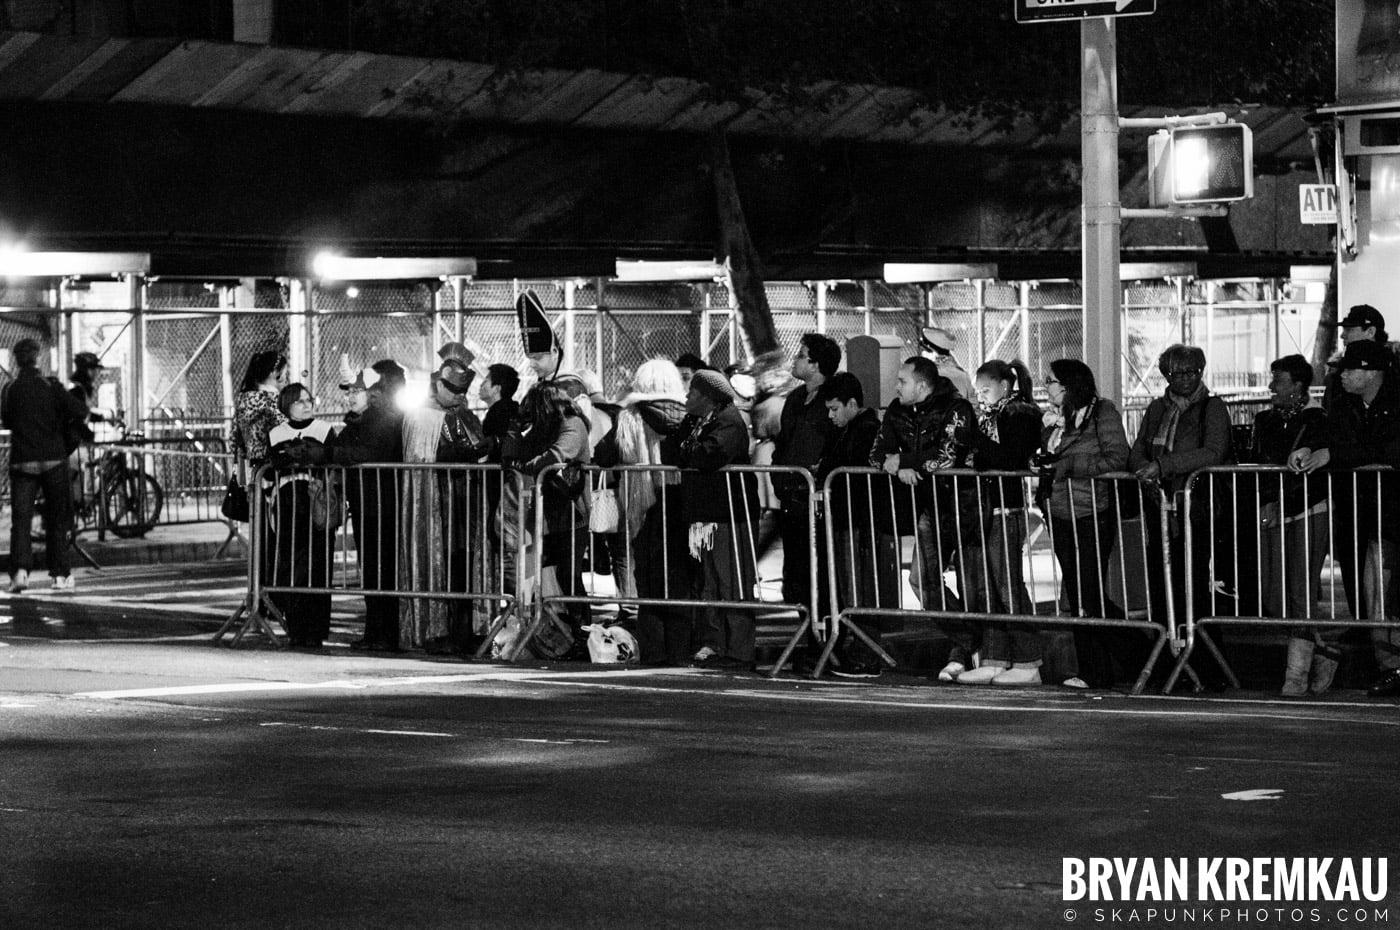 NYC Halloween Parade 2011 @ New York, NY - 10.31.11 (101)